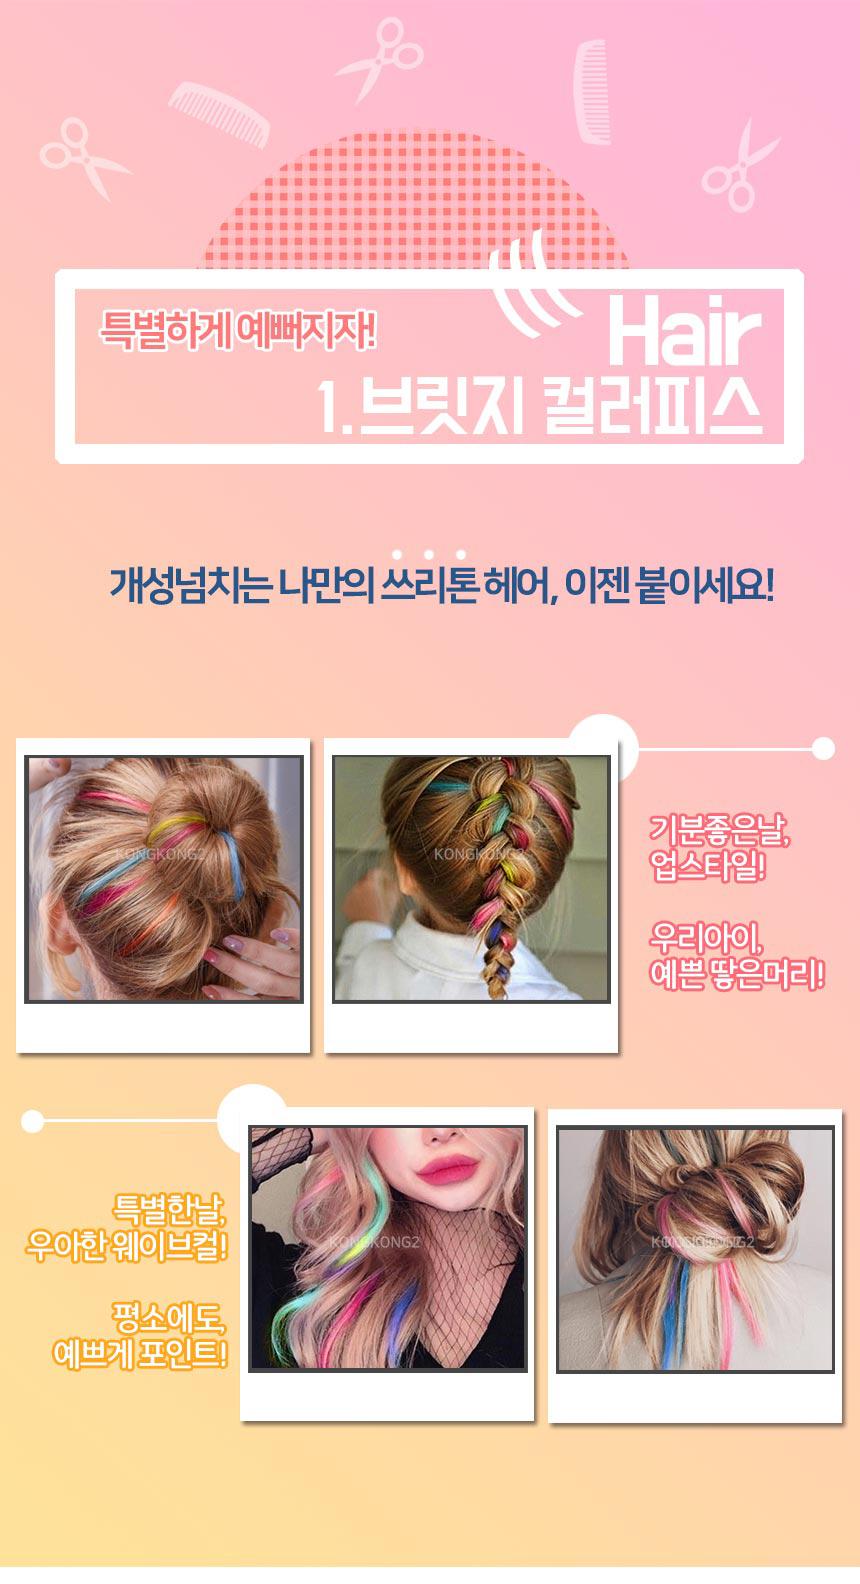 hairbleach_1.jpg